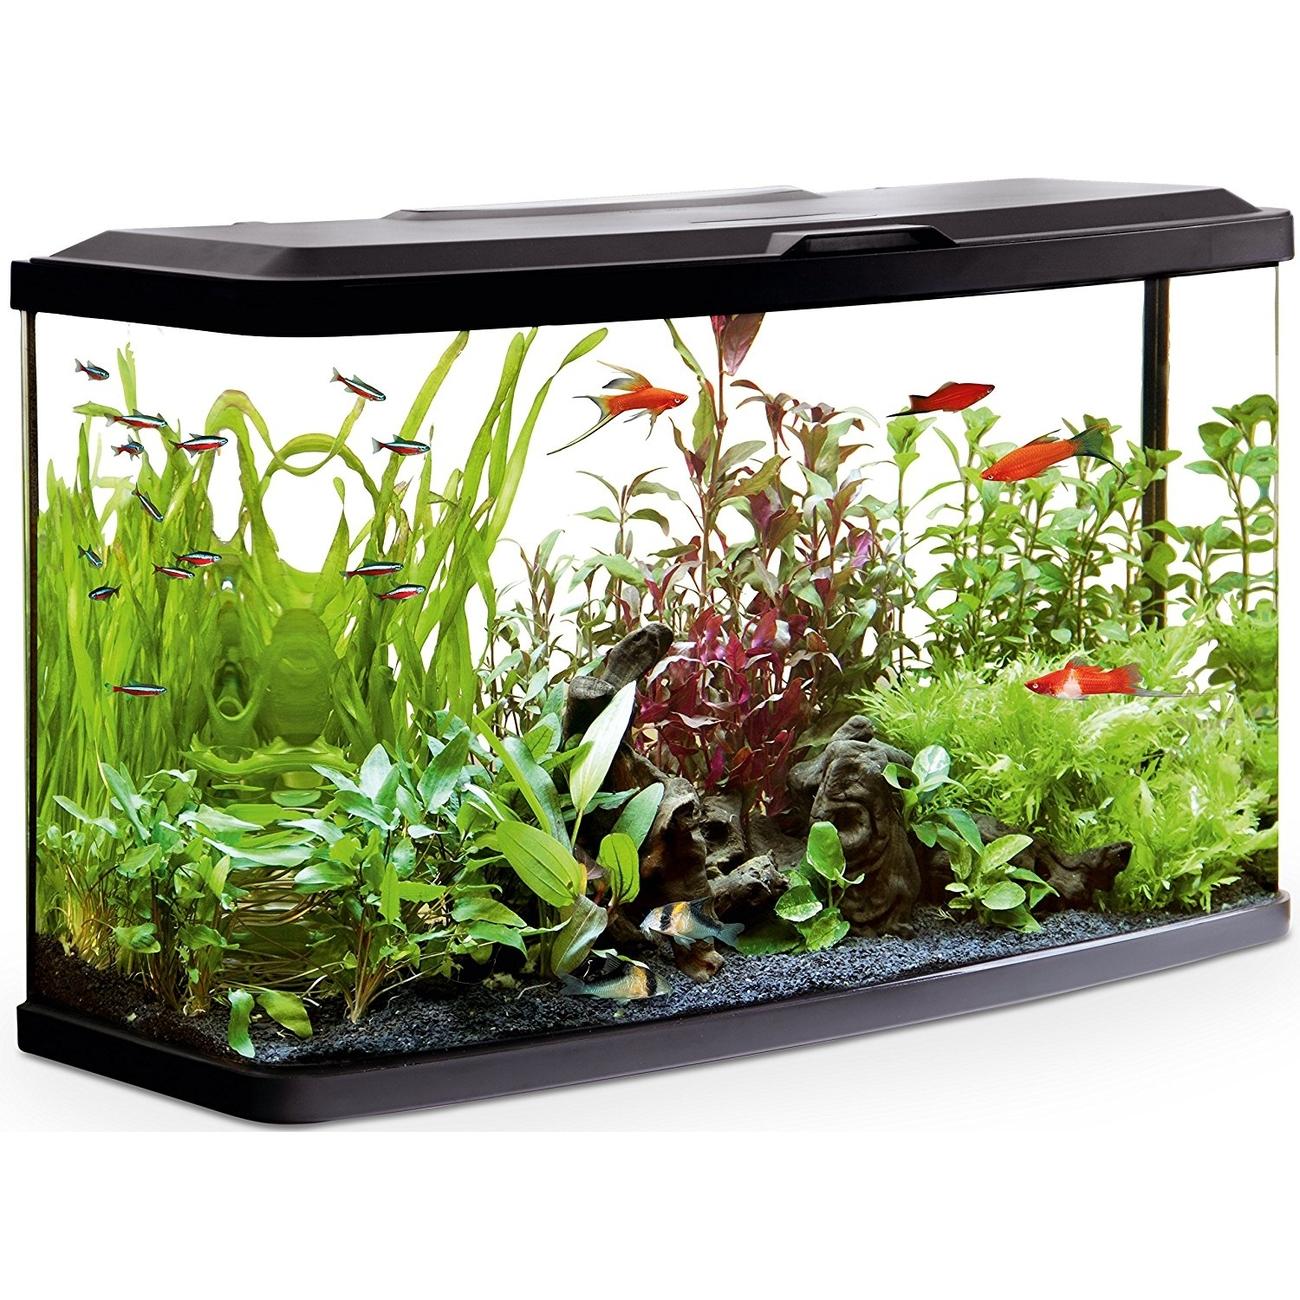 Hagen Fluval Vue Aquarienset, 87 Liter Aquarium: 76 x 30 x 45,7 cm